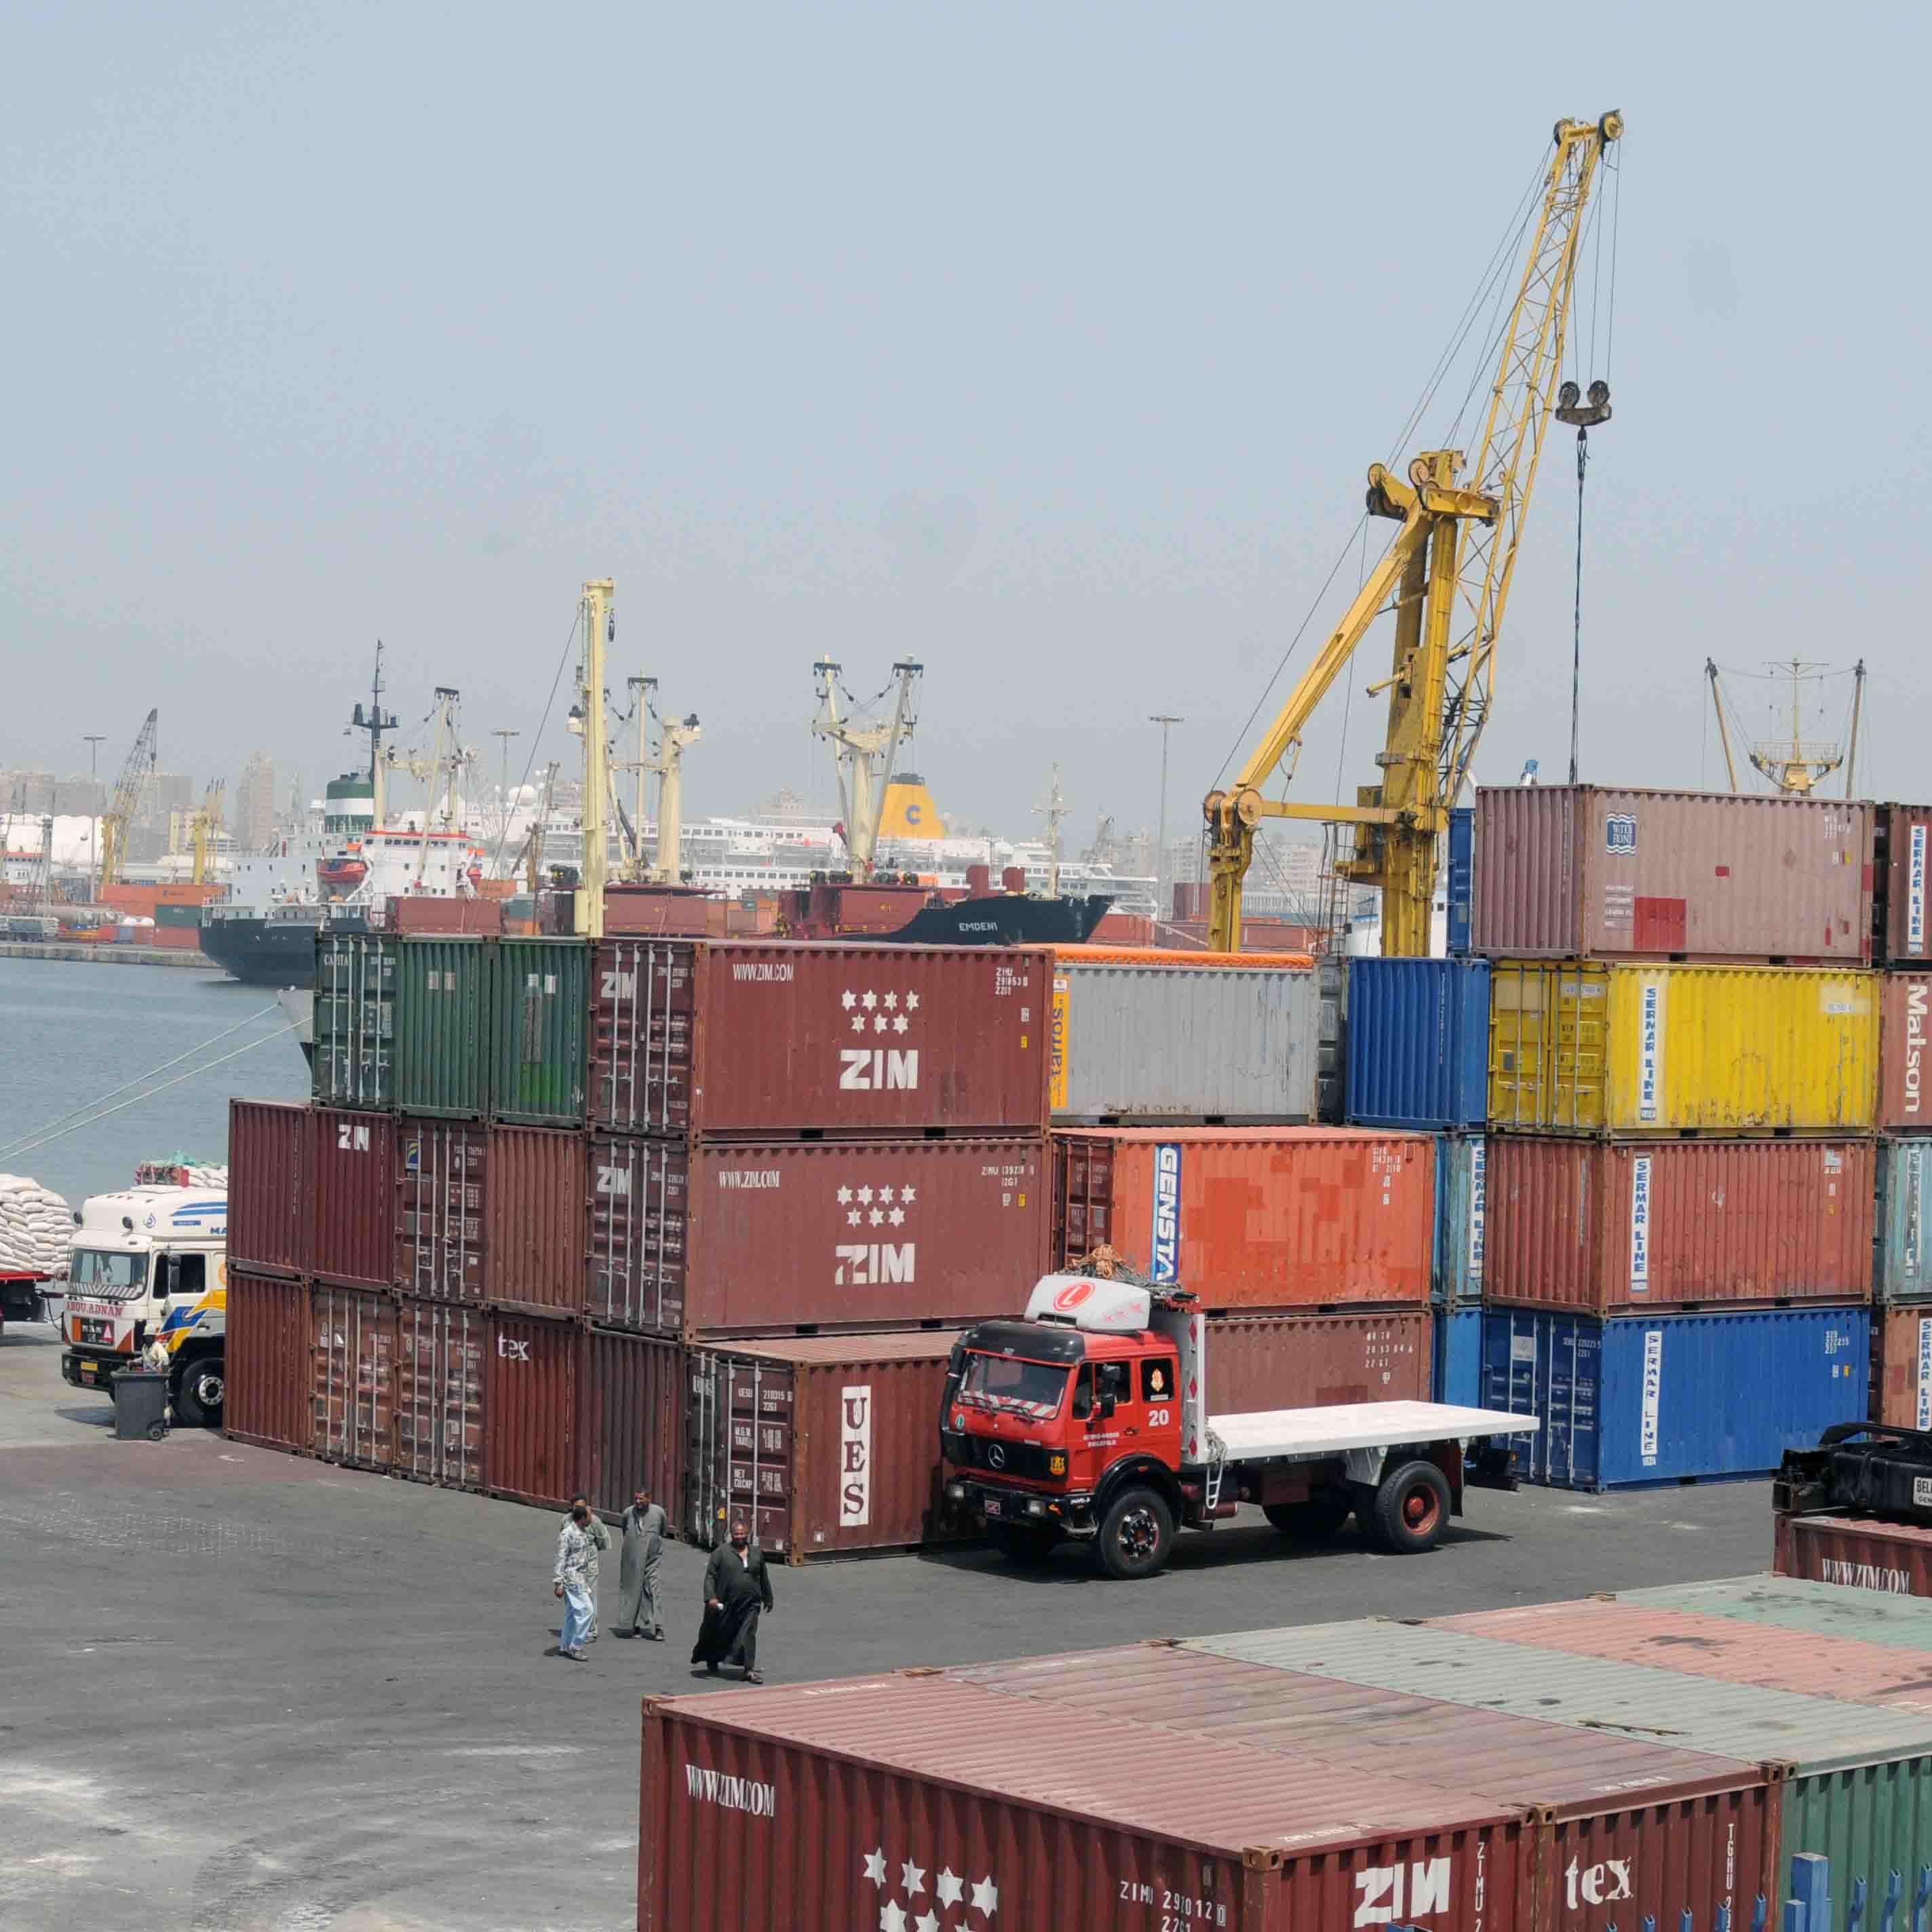 مصر لن تسمح بدخول بضائع لا تخضع للمعايير الأوروبية بحلول مارس